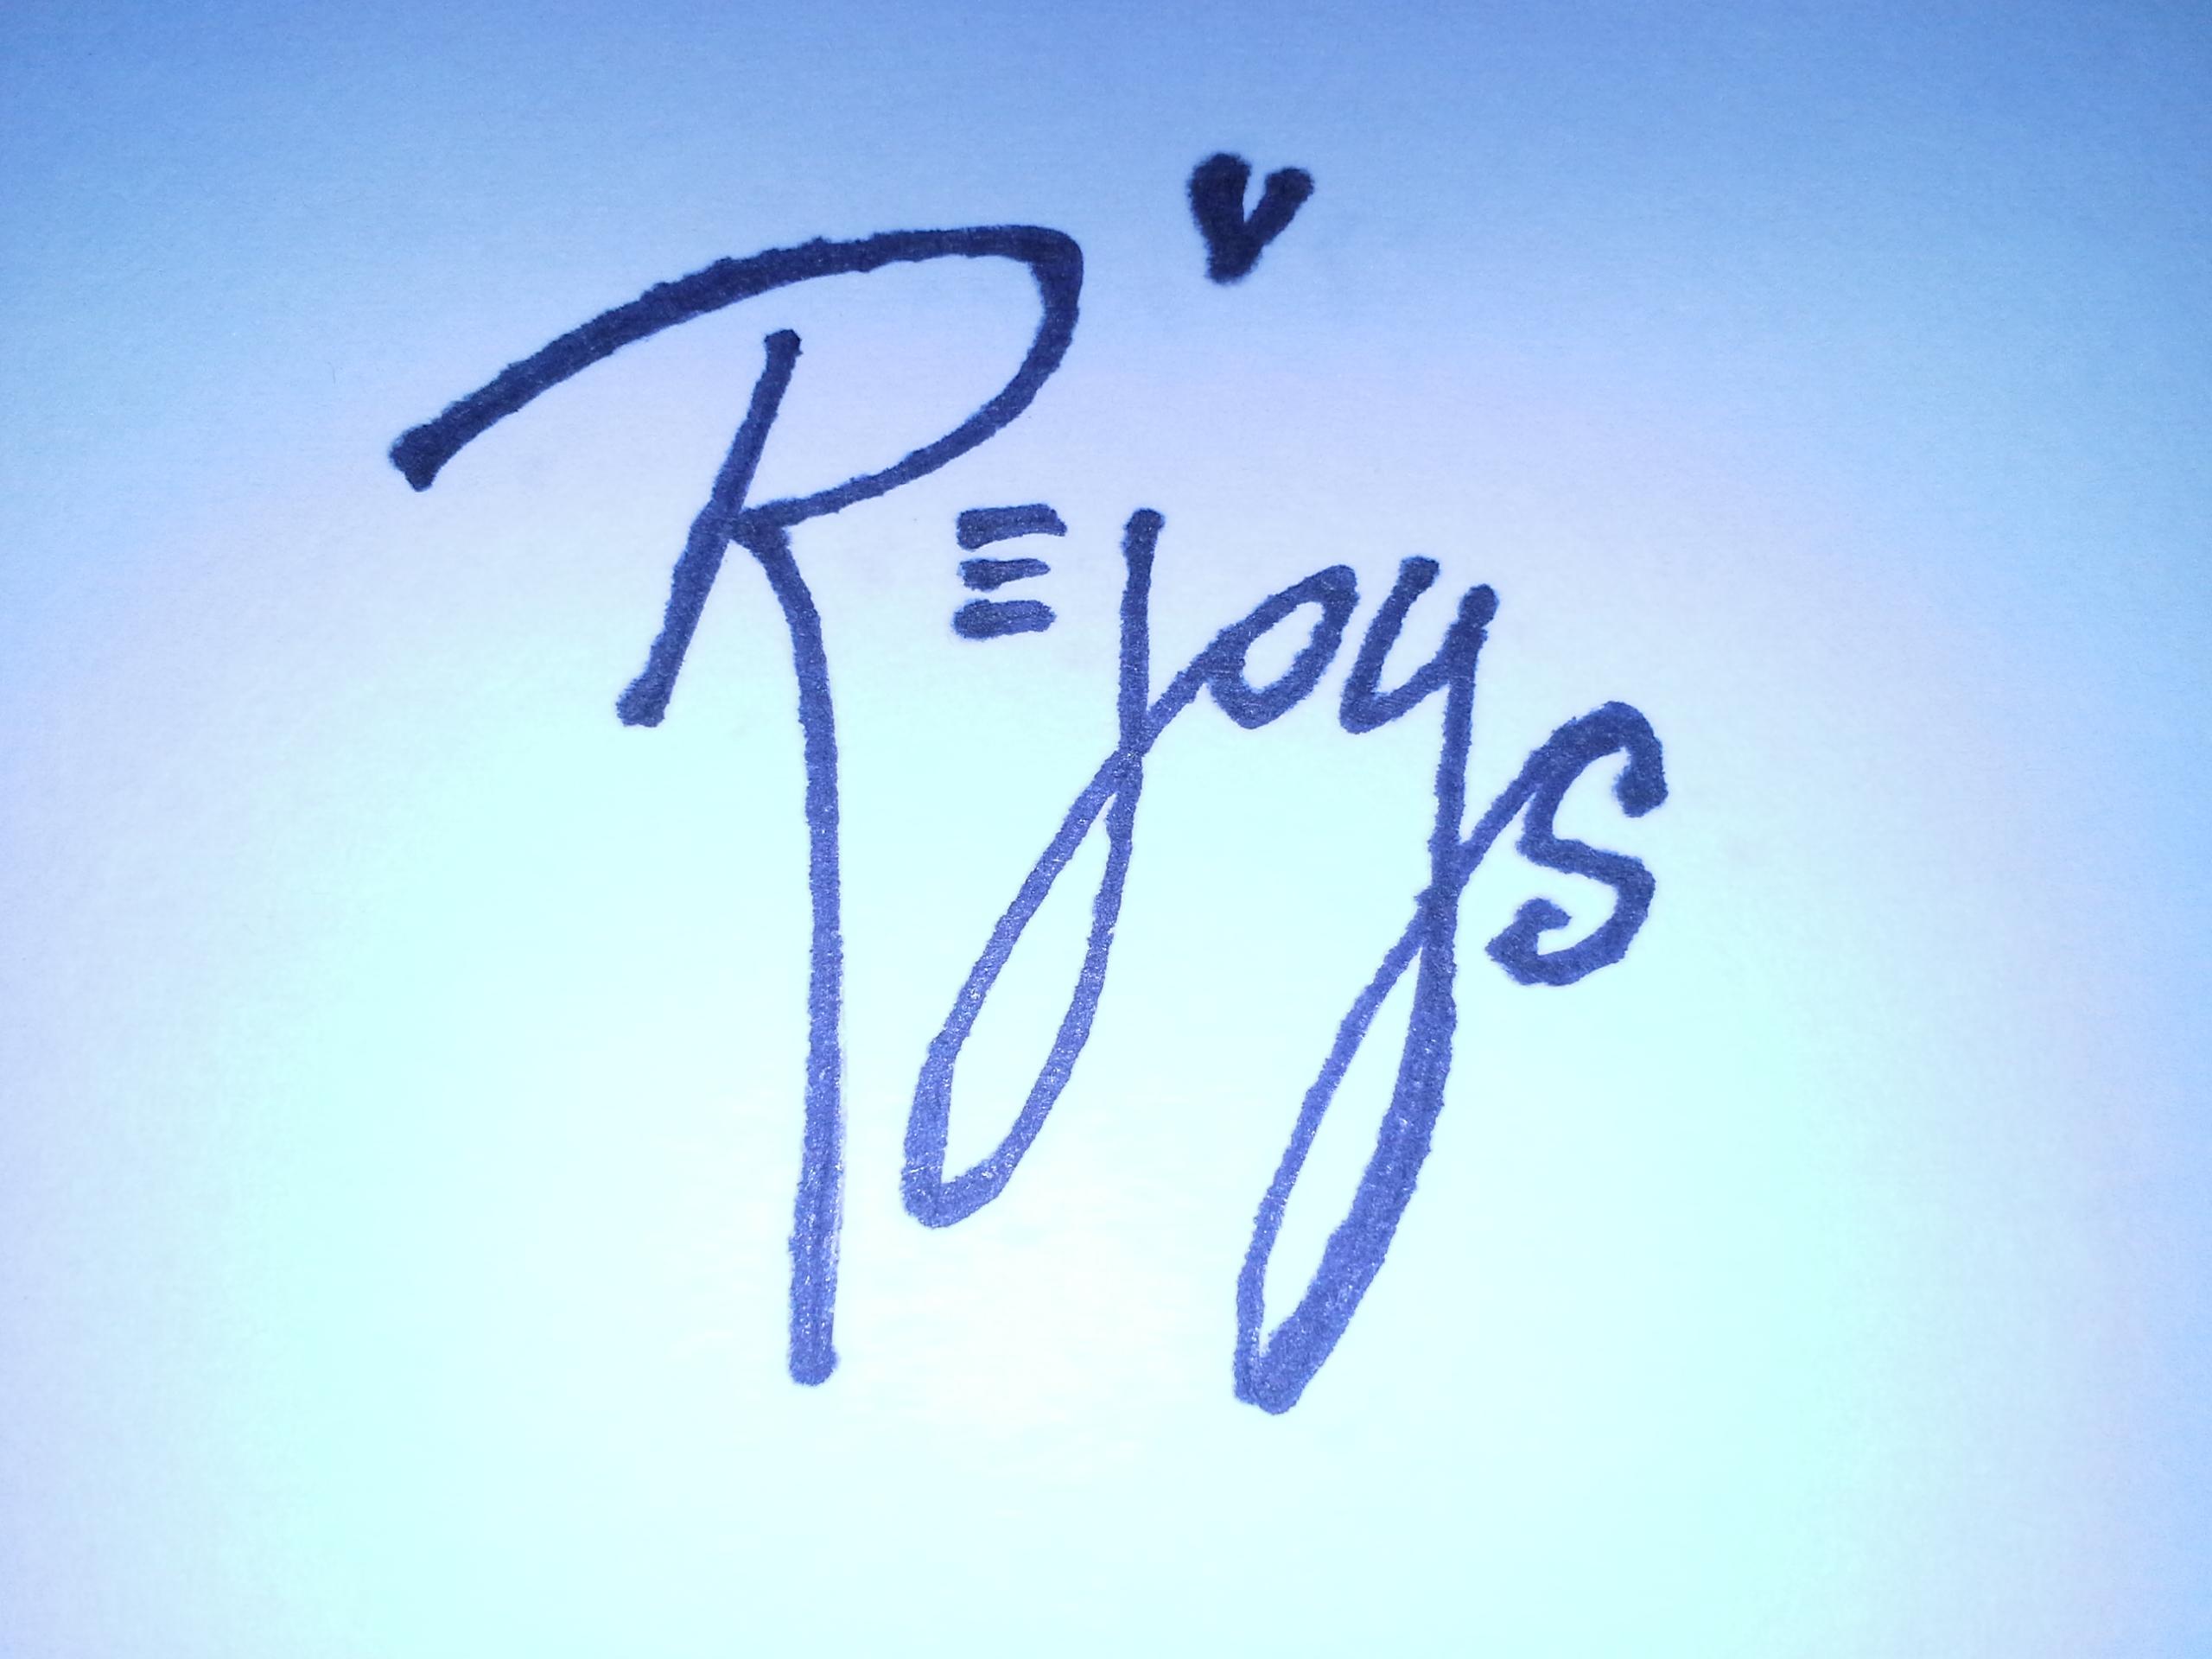 Rebecca schlabach Signature